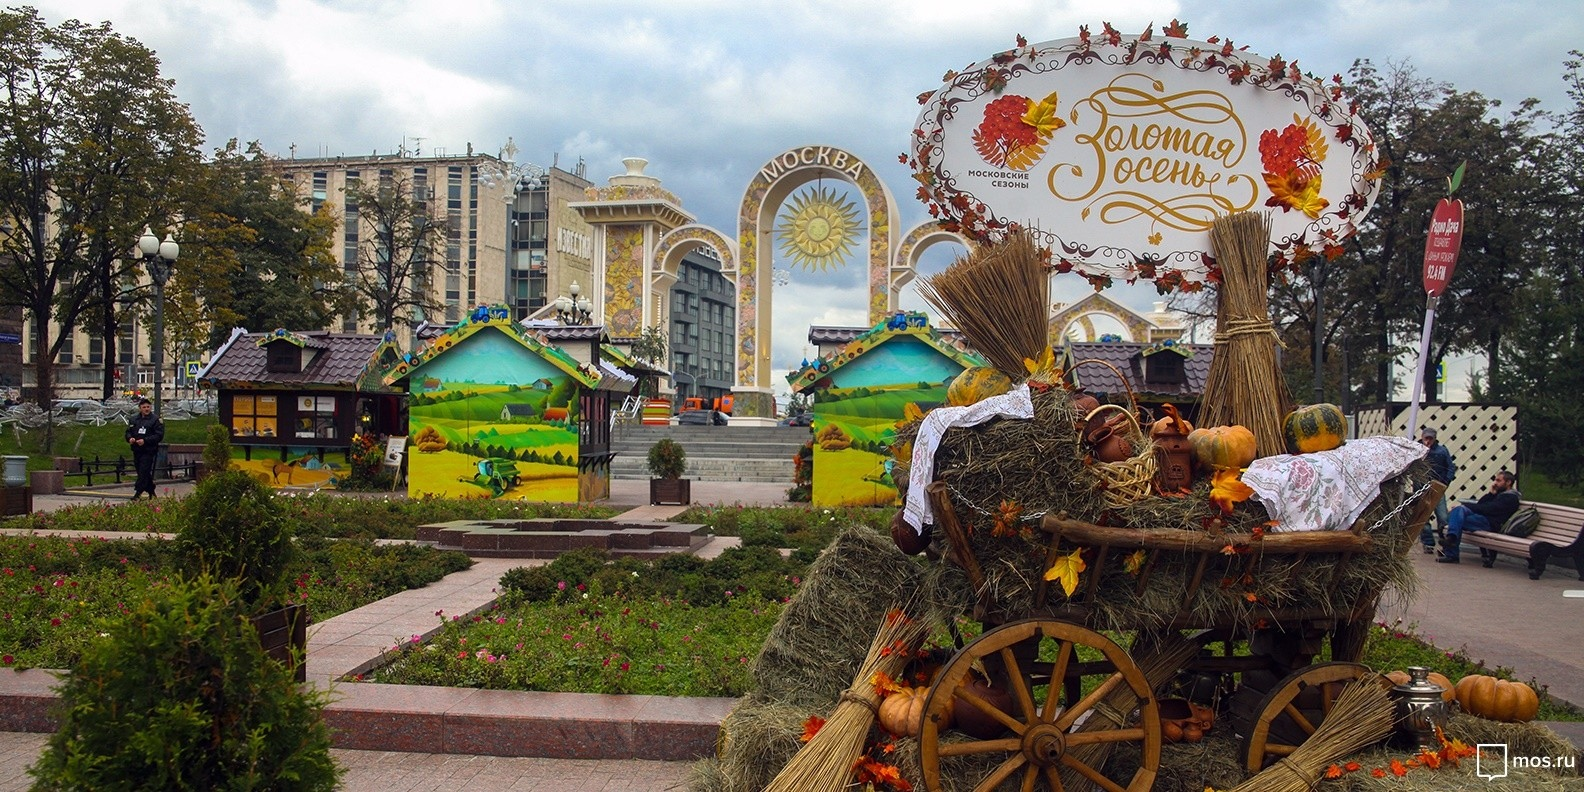 Фестиваль Золотая осень 2018 в Москве: программа и расписание, площадки, официальный сайт